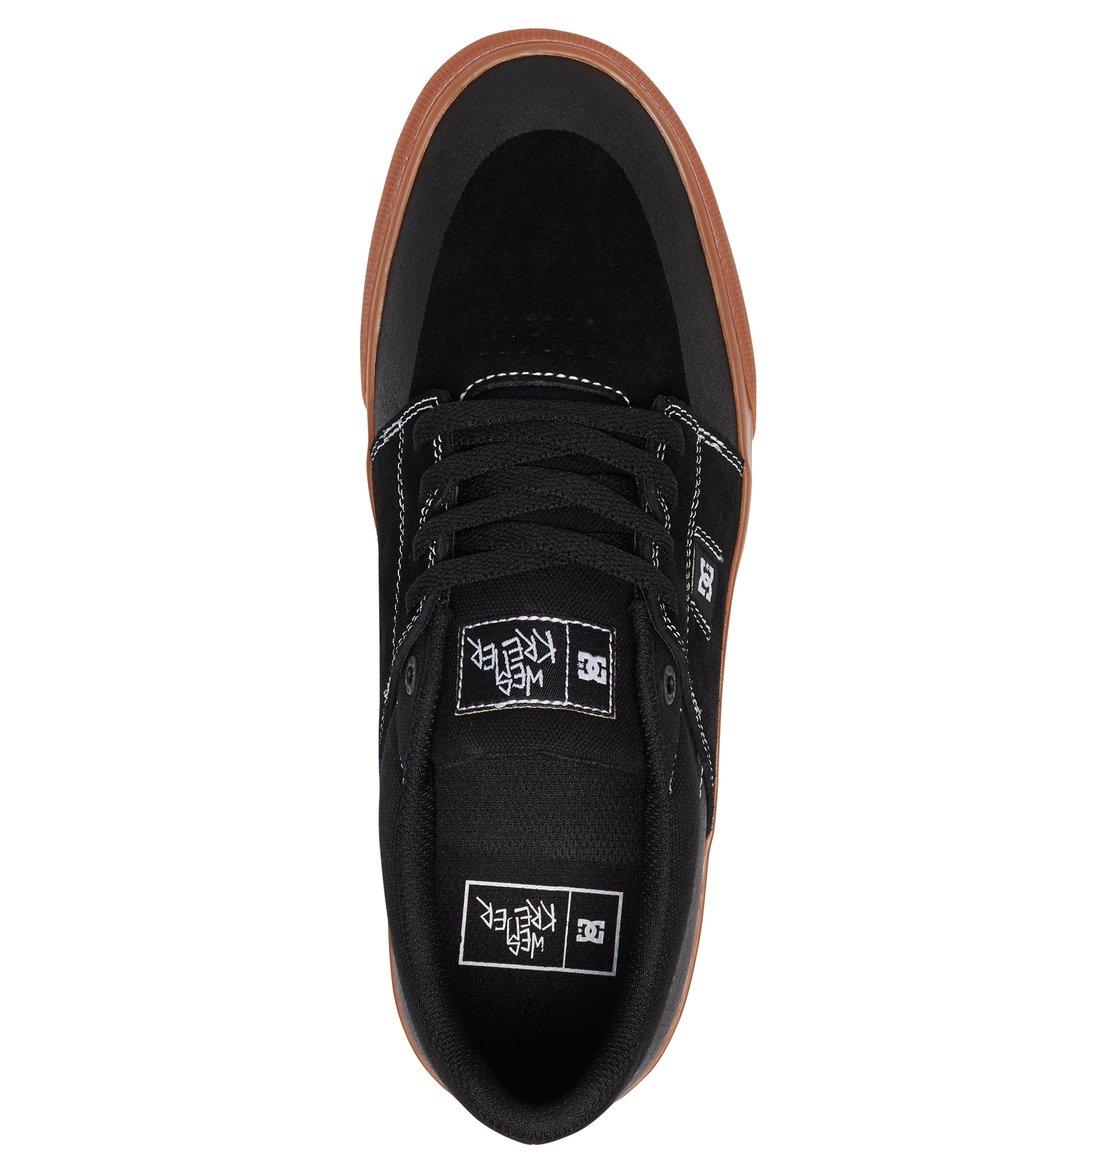 DC-Shoes-Wes-Kremer-Baskets-pour-Homme-ADYS300315 miniature 13